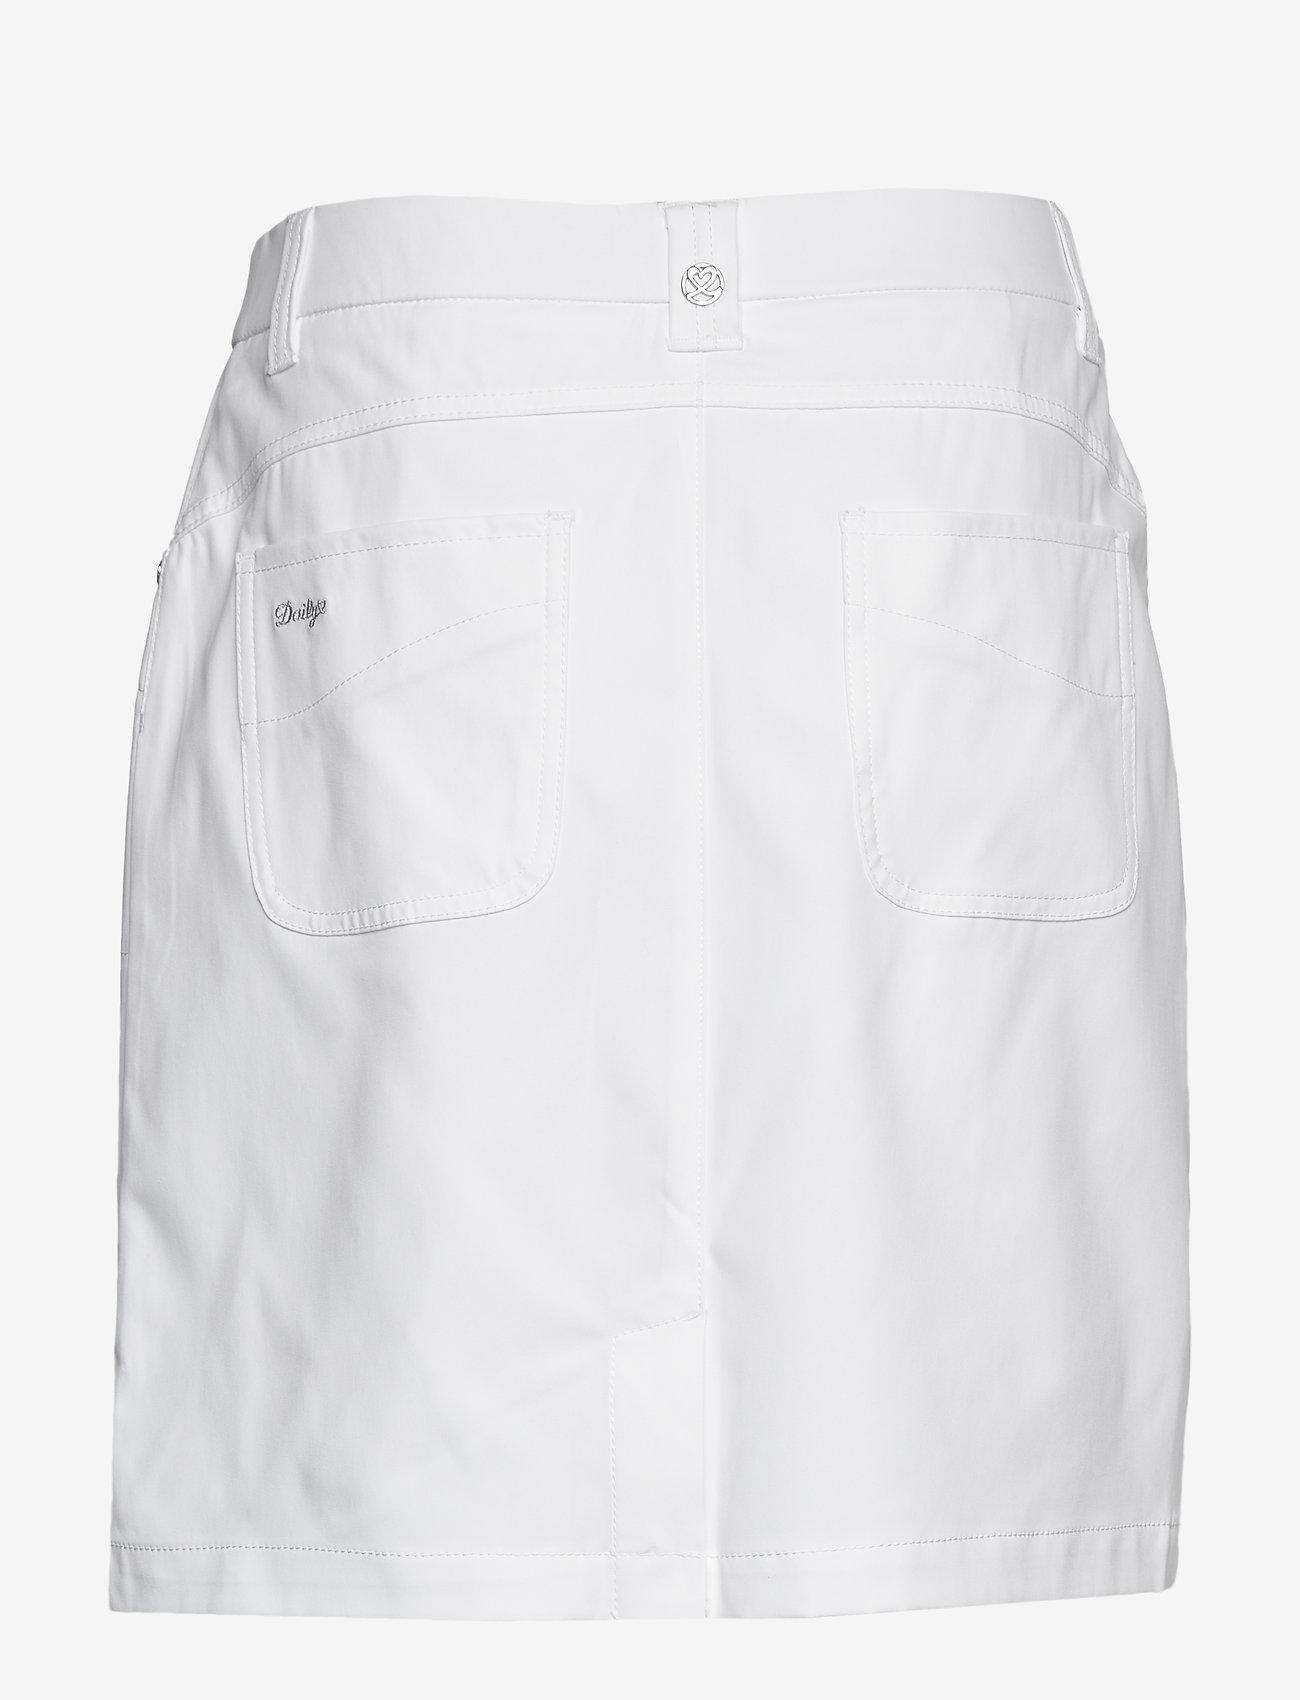 Daily Sports - LYRIC SKORT 52 CM - sports skirts - white - 1